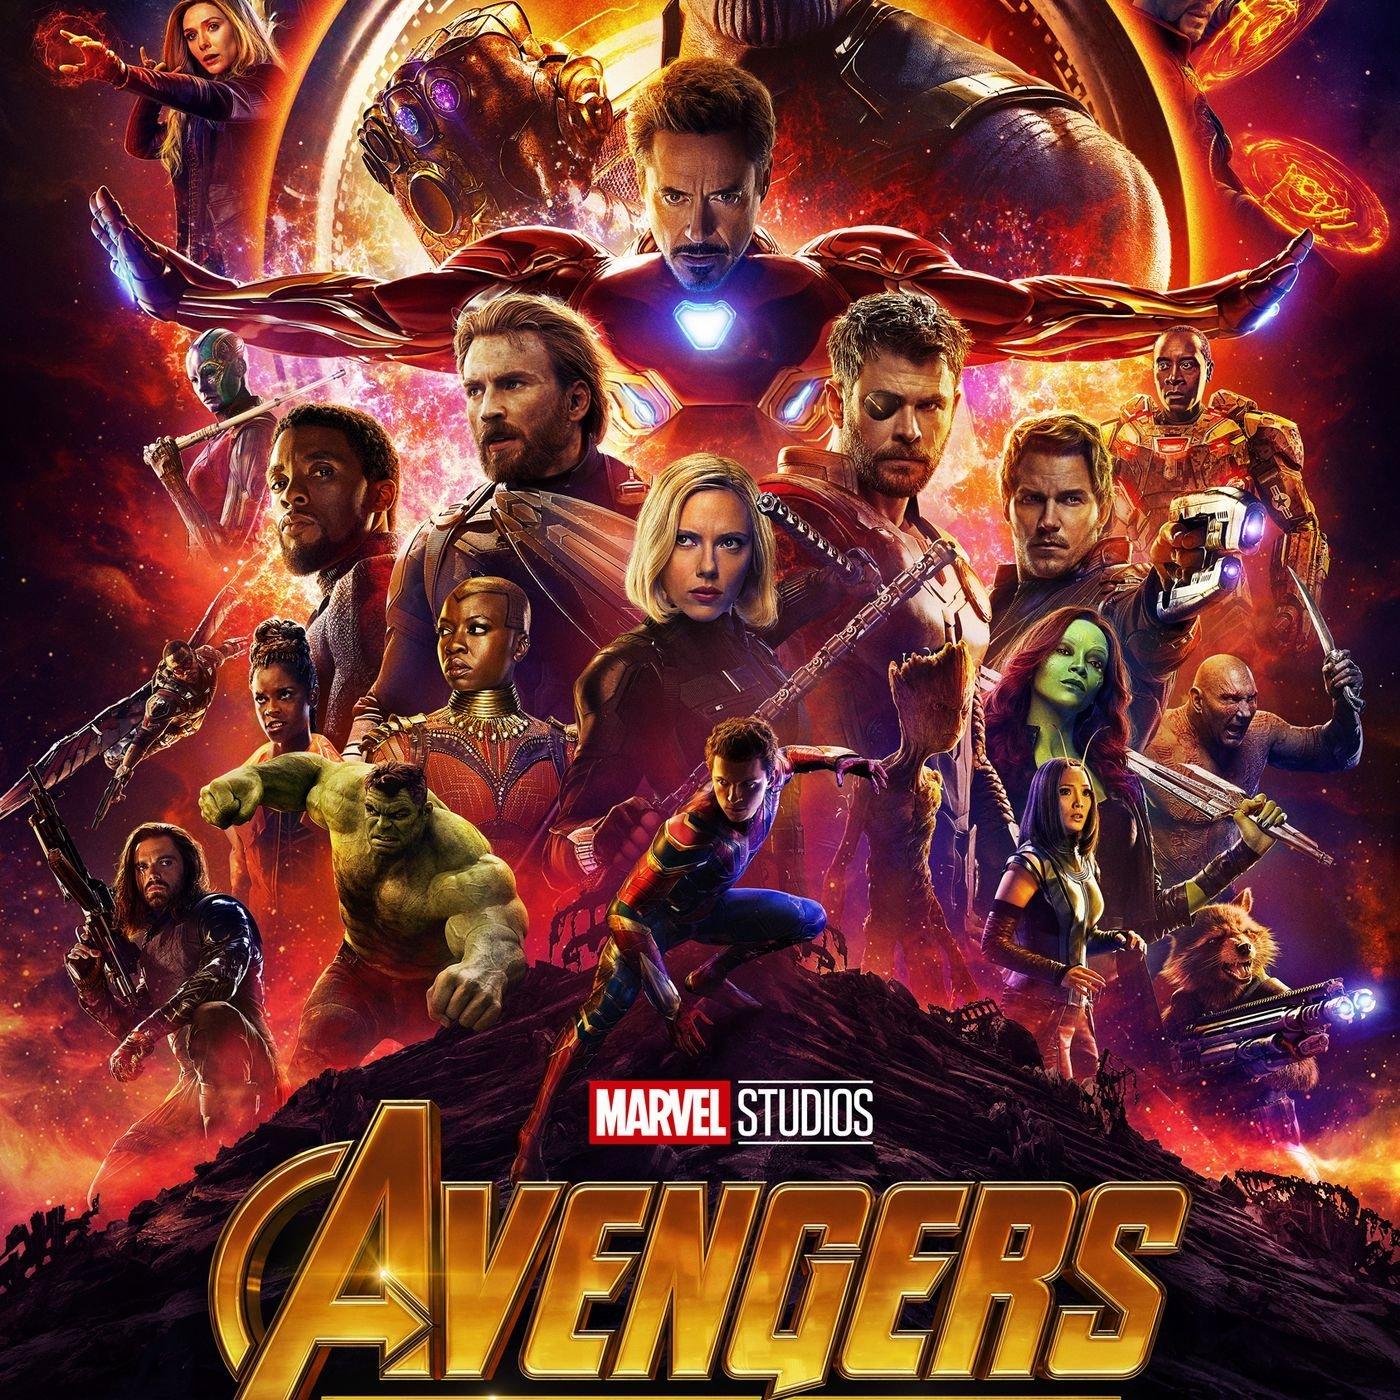 Avengers Endgame 2019 Full Hd Online Avengers 2019 Twitter